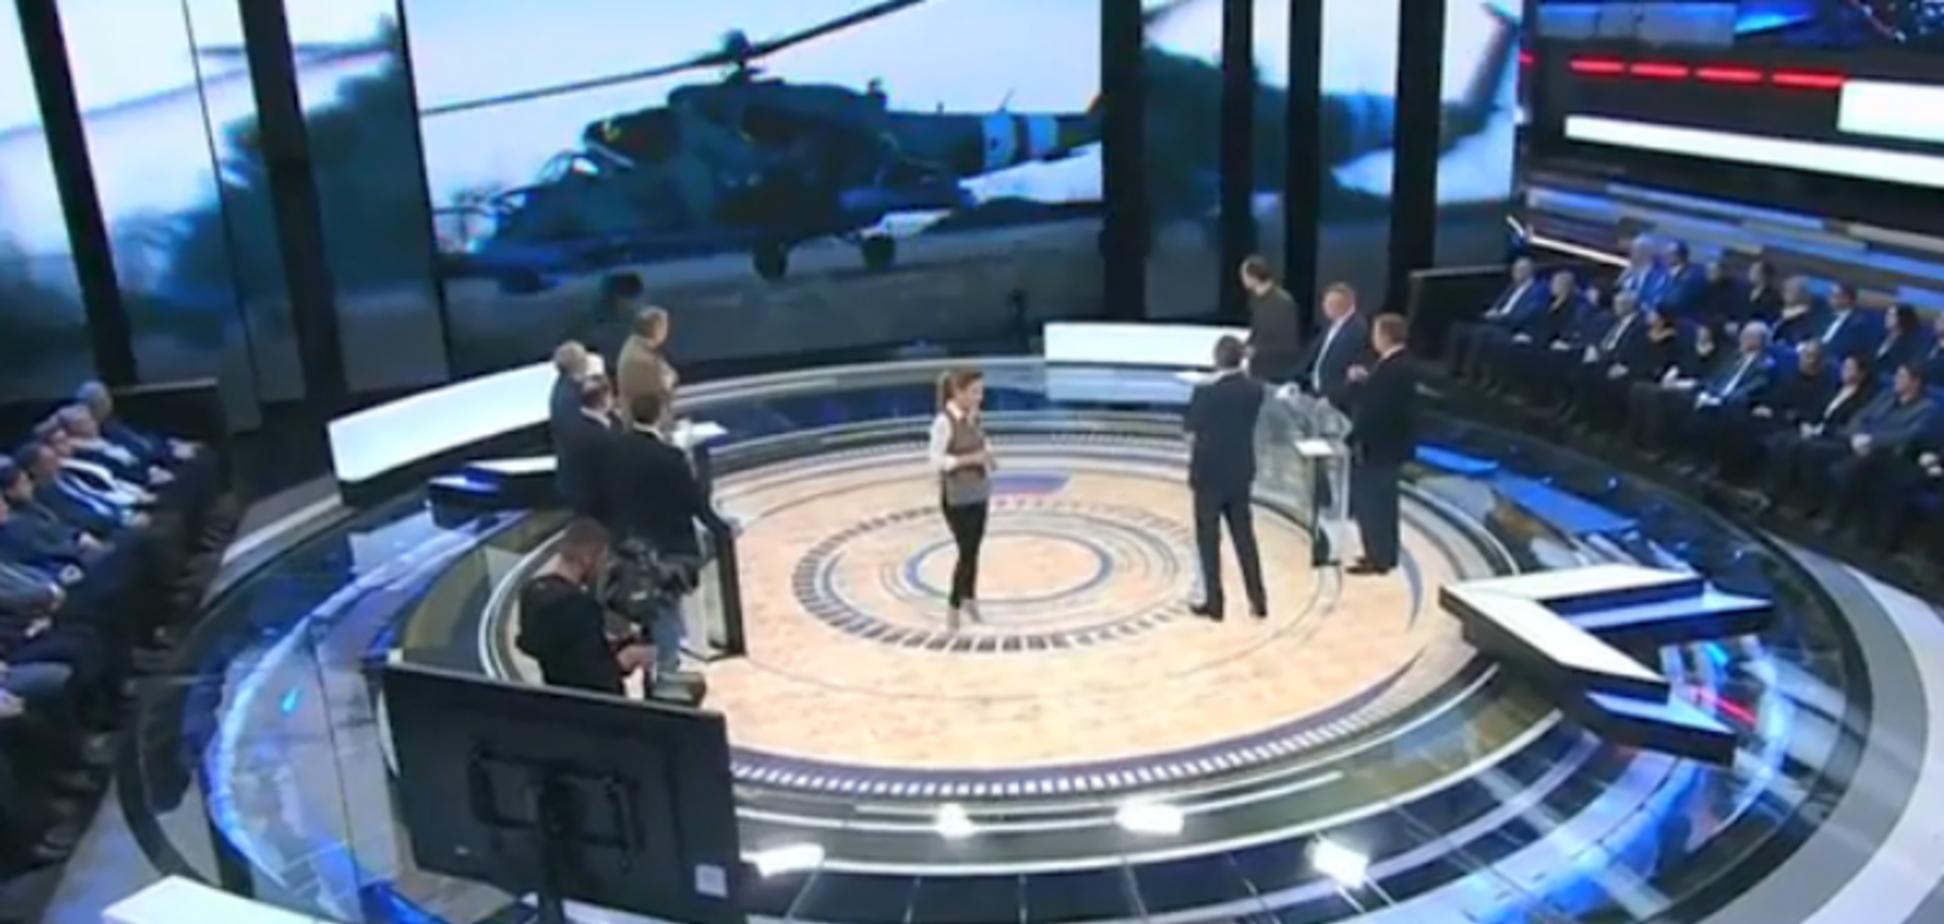 Пропагандисты Кремля. Источник: Скриншот видео